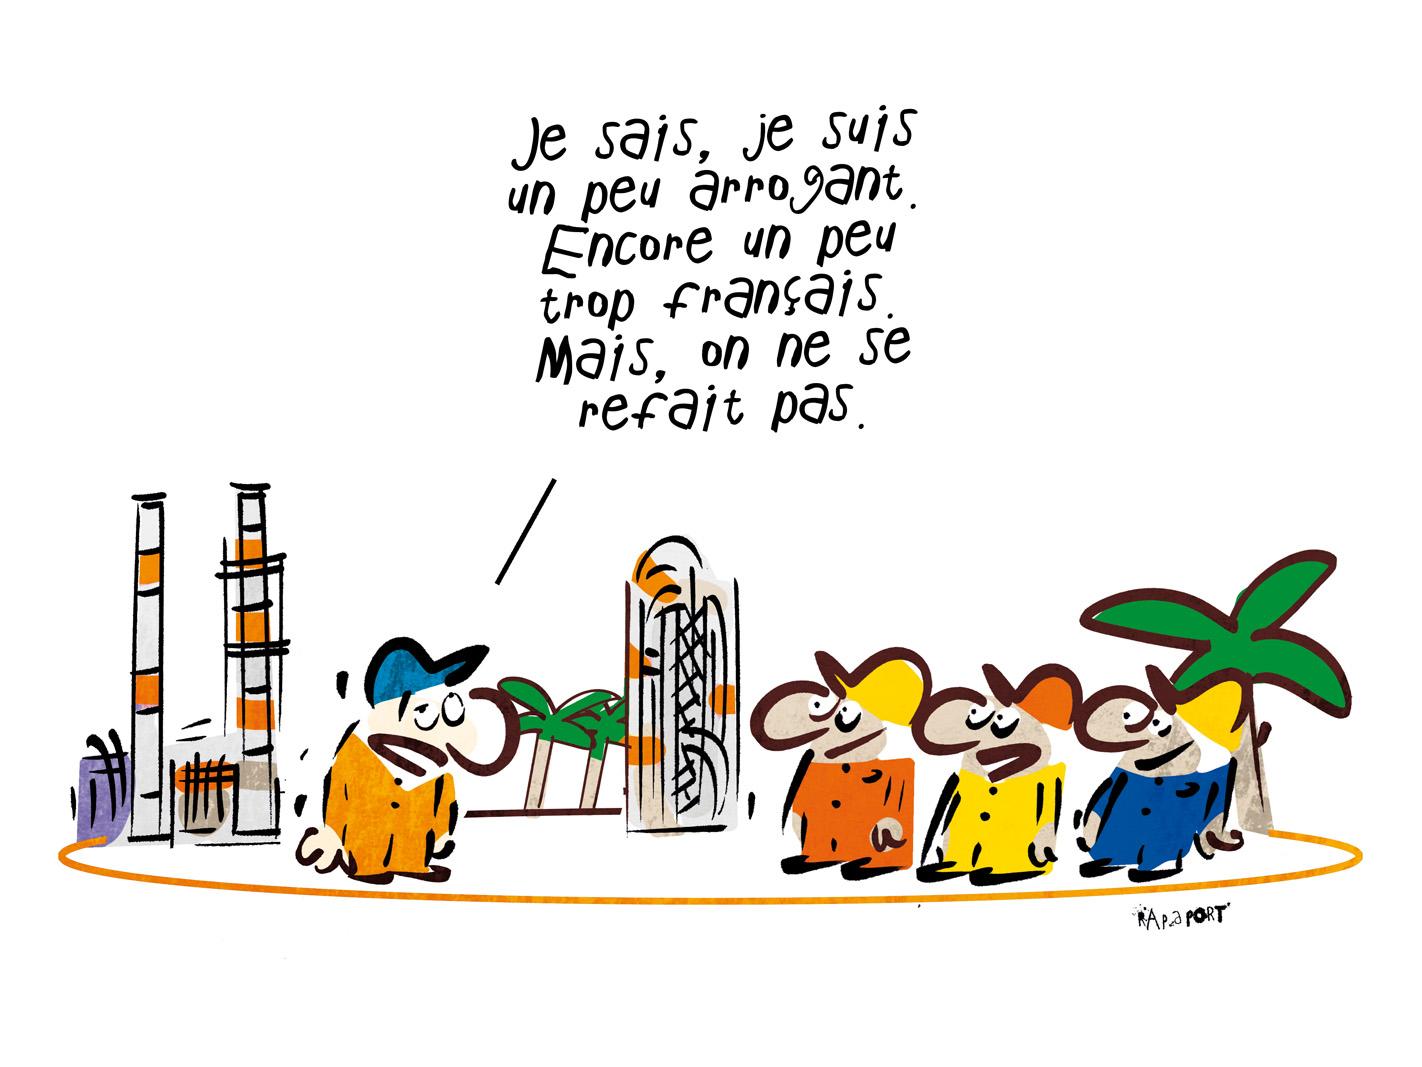 RAPAPORT:DIVERSITÉ59